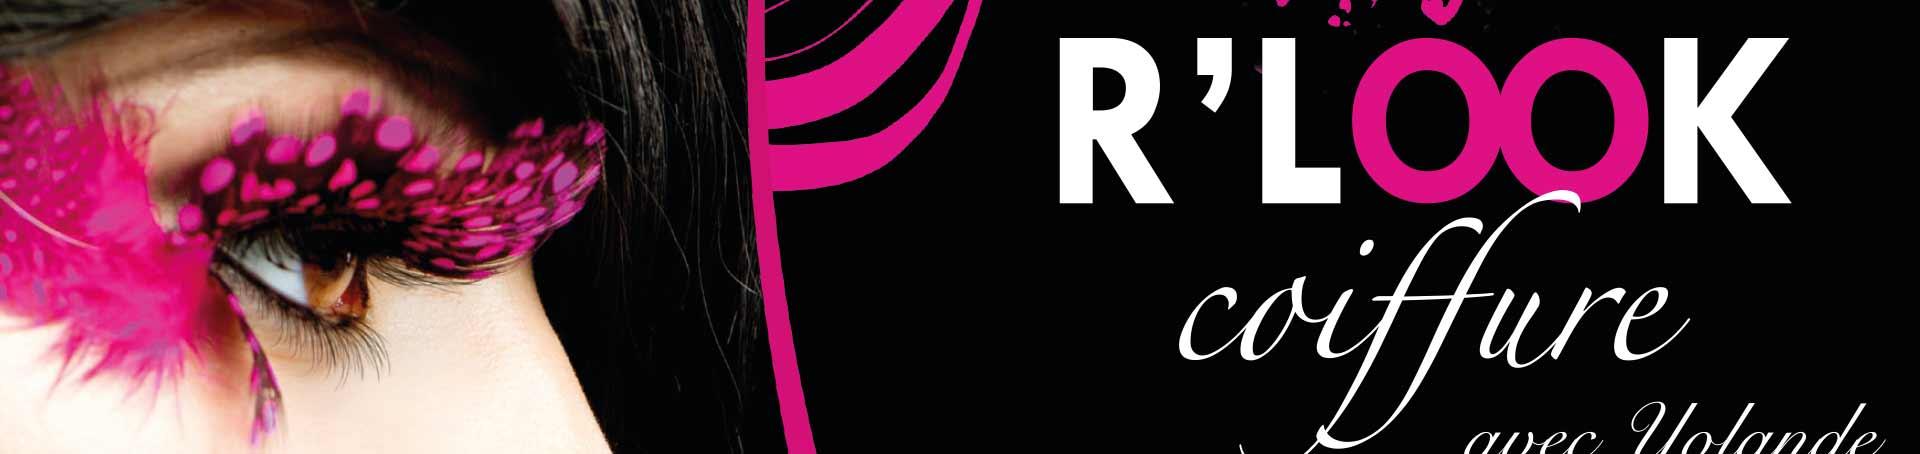 Celebre Flyer Carte De Visite RLOOK Coiffure